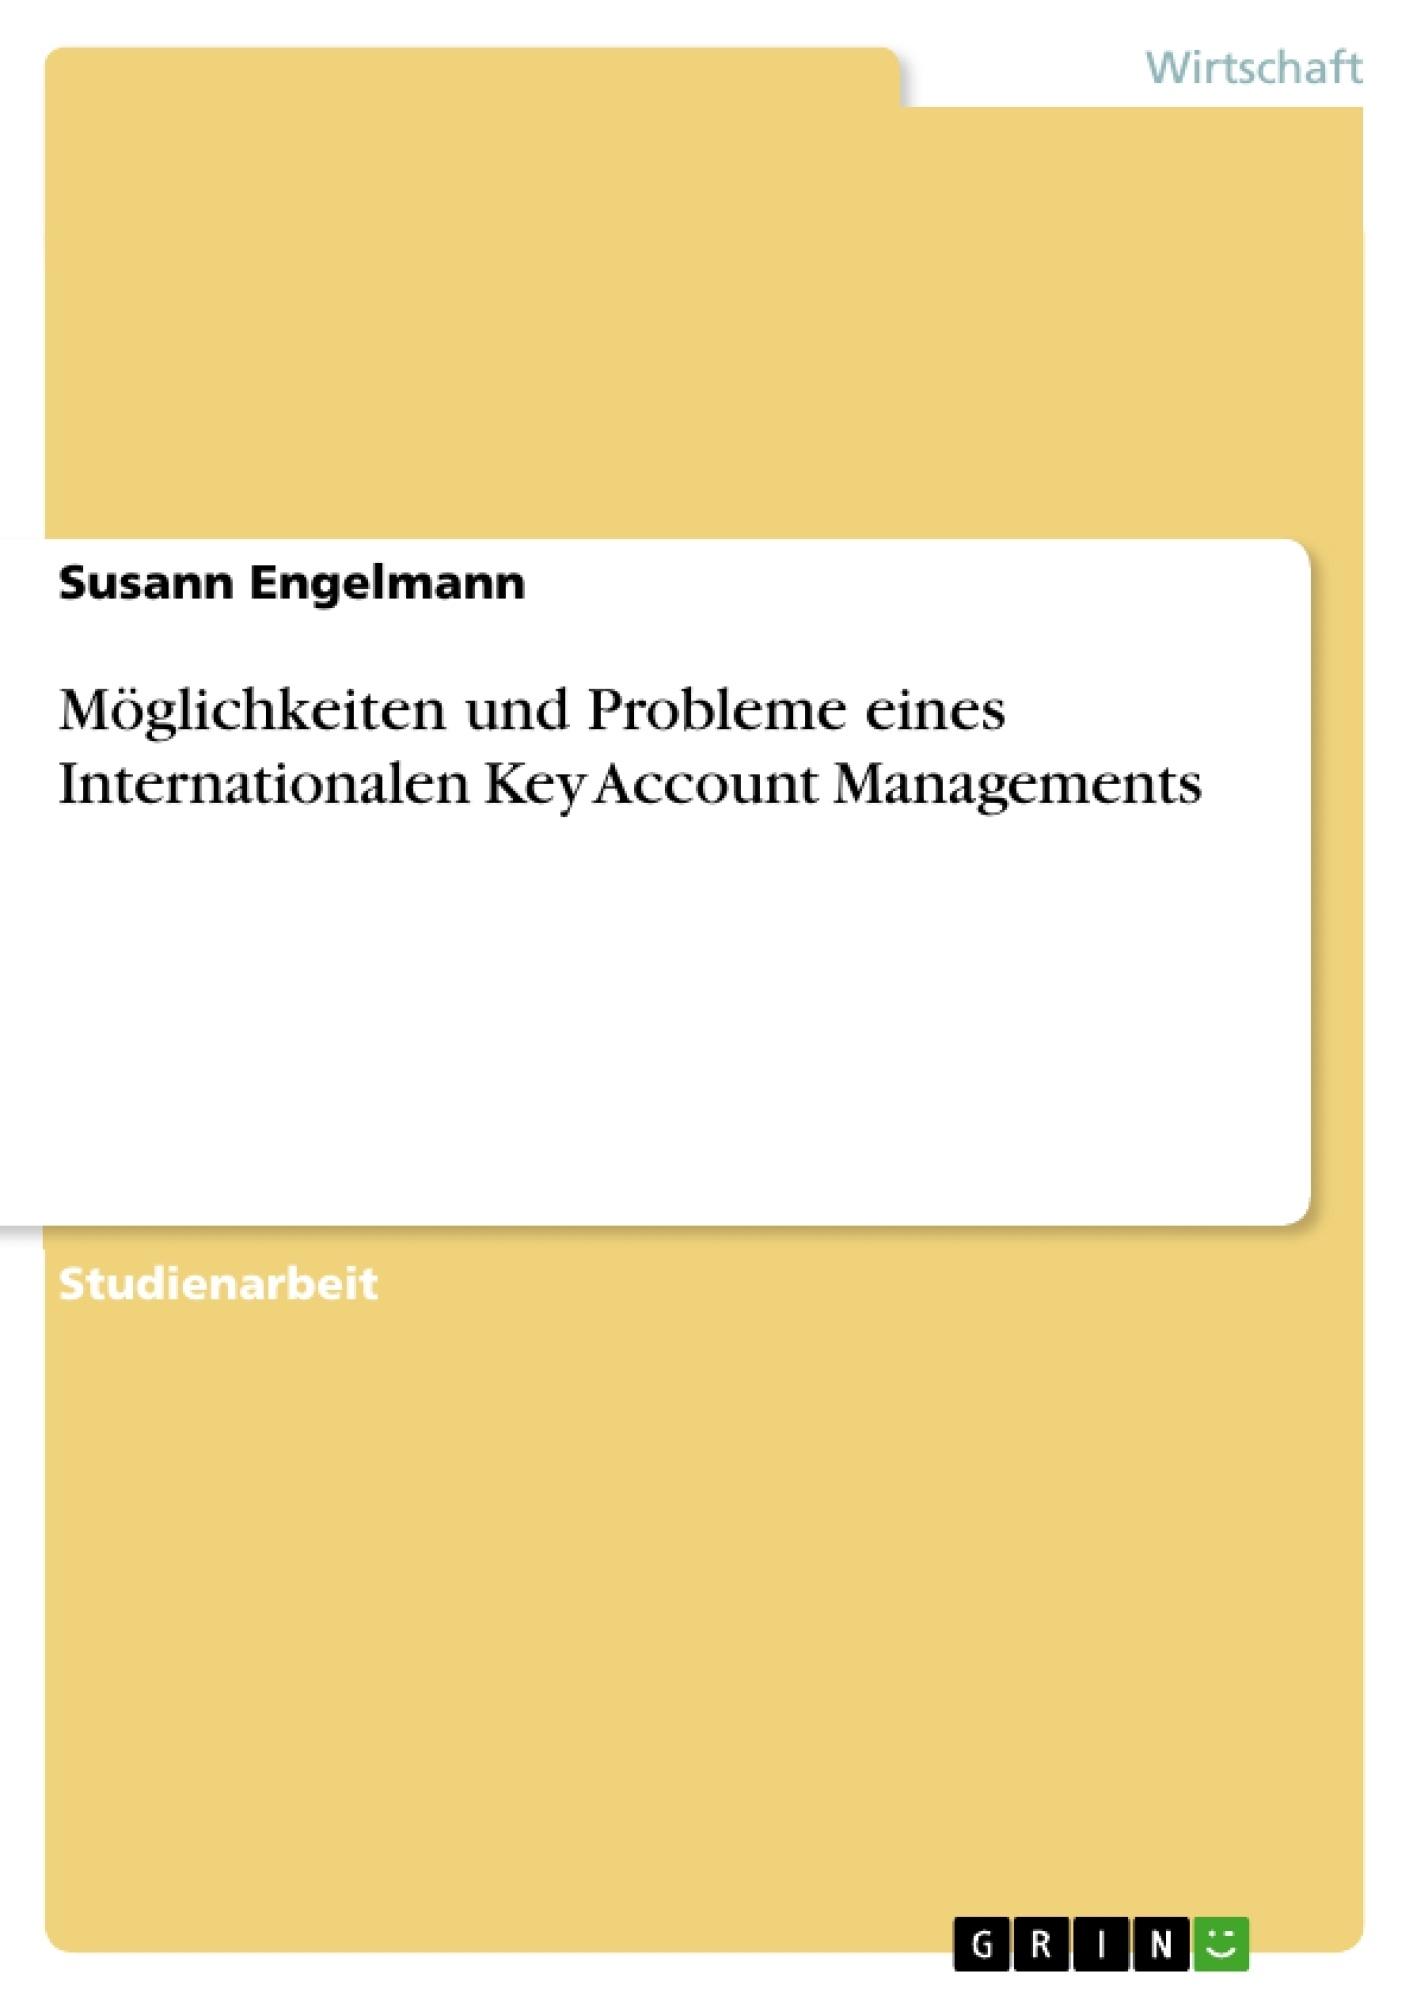 Titel: Möglichkeiten und Probleme eines Internationalen Key Account Managements